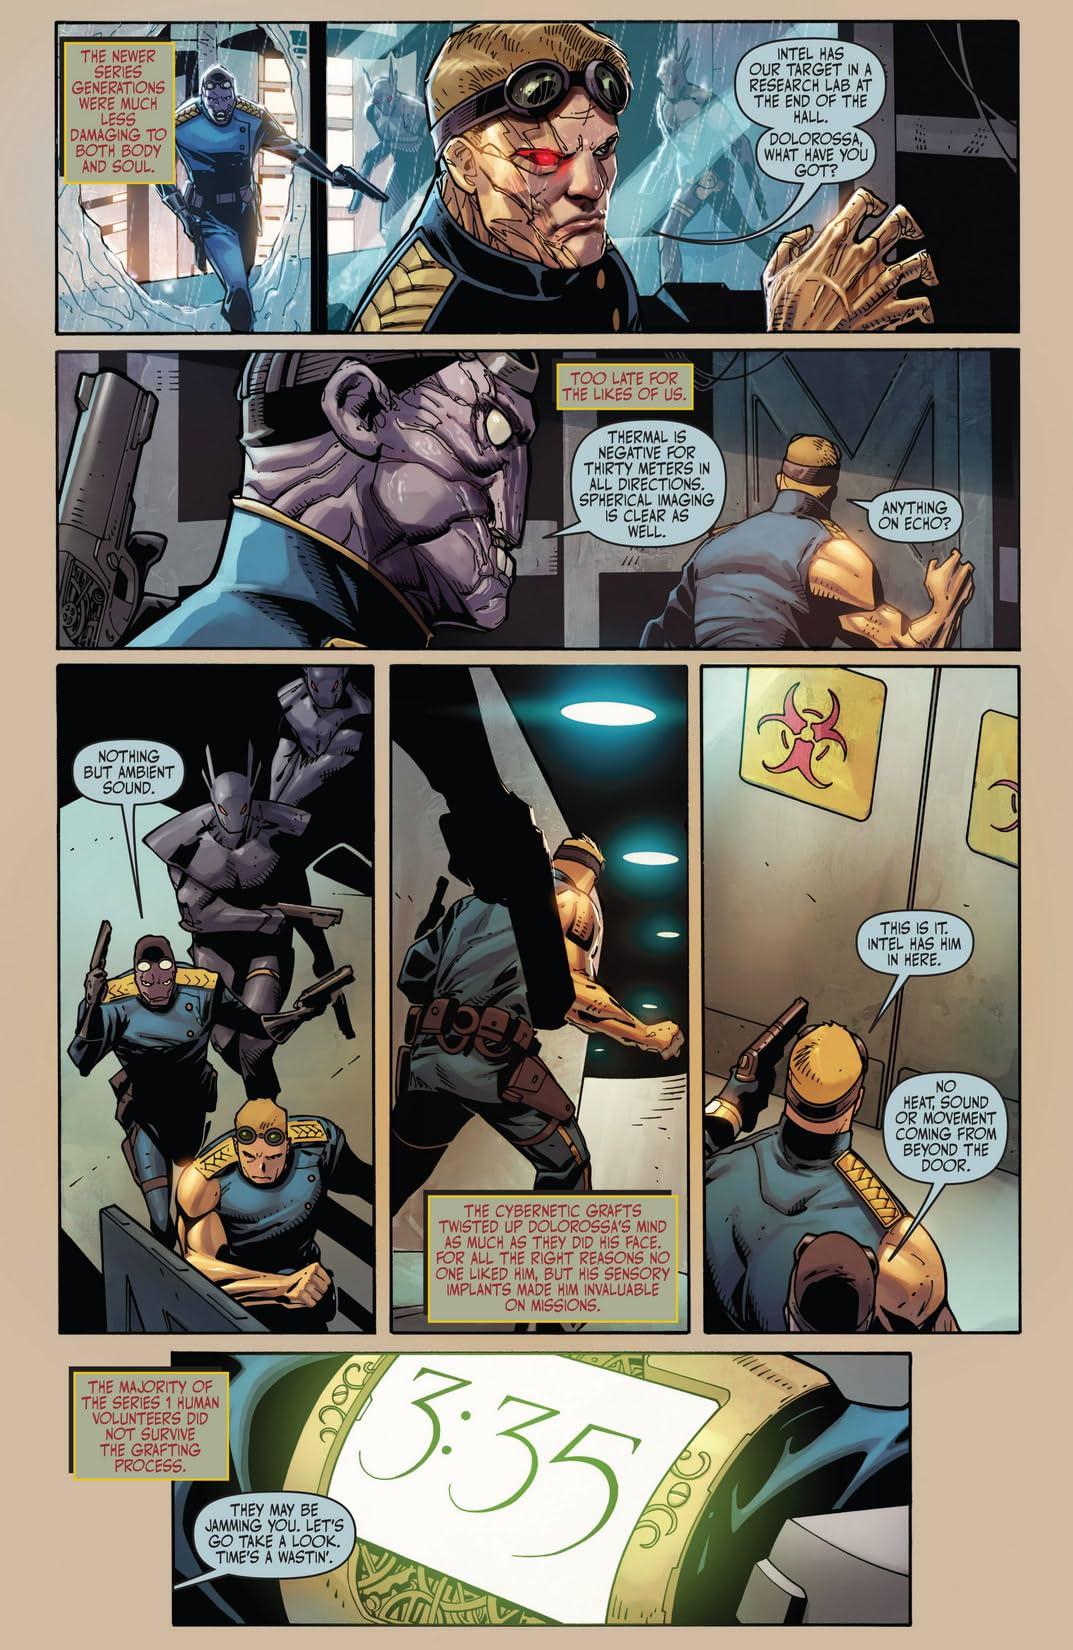 Cyberforce (2012) #2